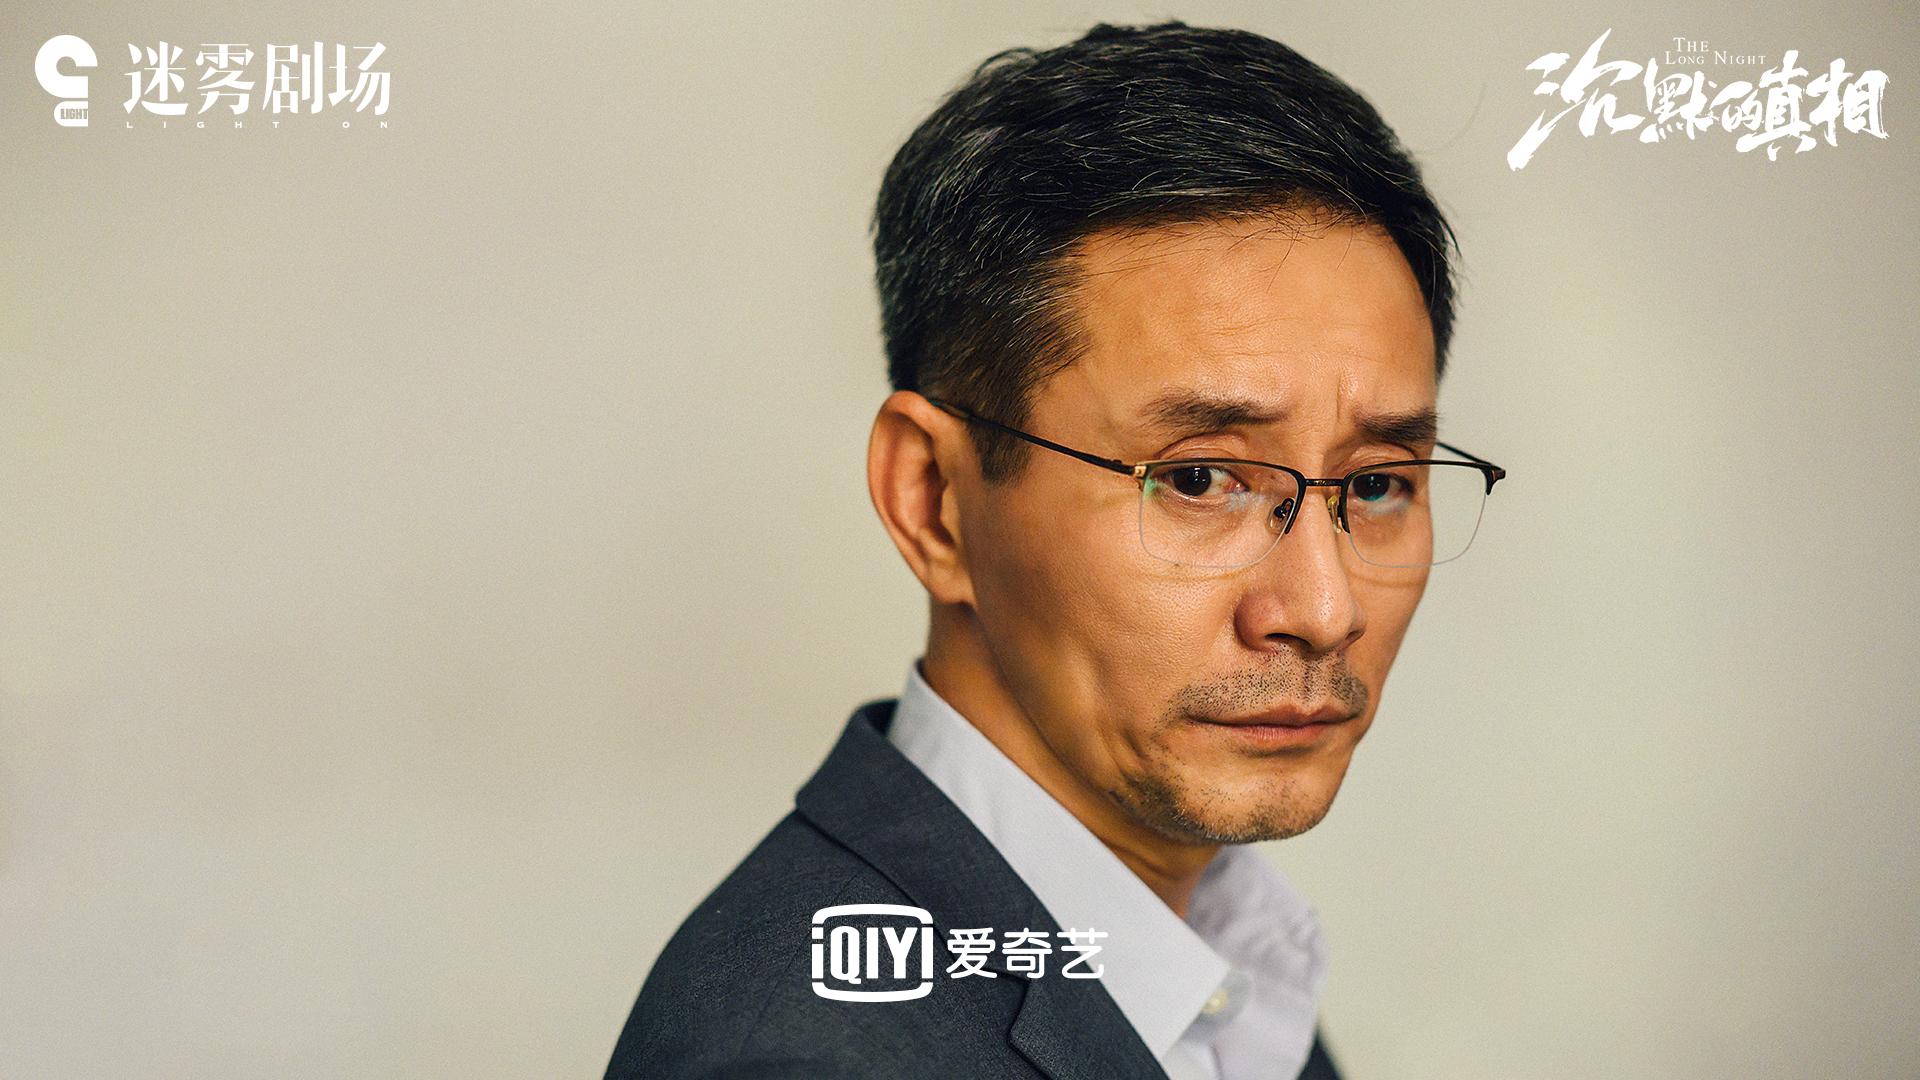 迷雾剧场《沉默的真相》今晚开播 廖凡白宇为正义接力演绎热血故事